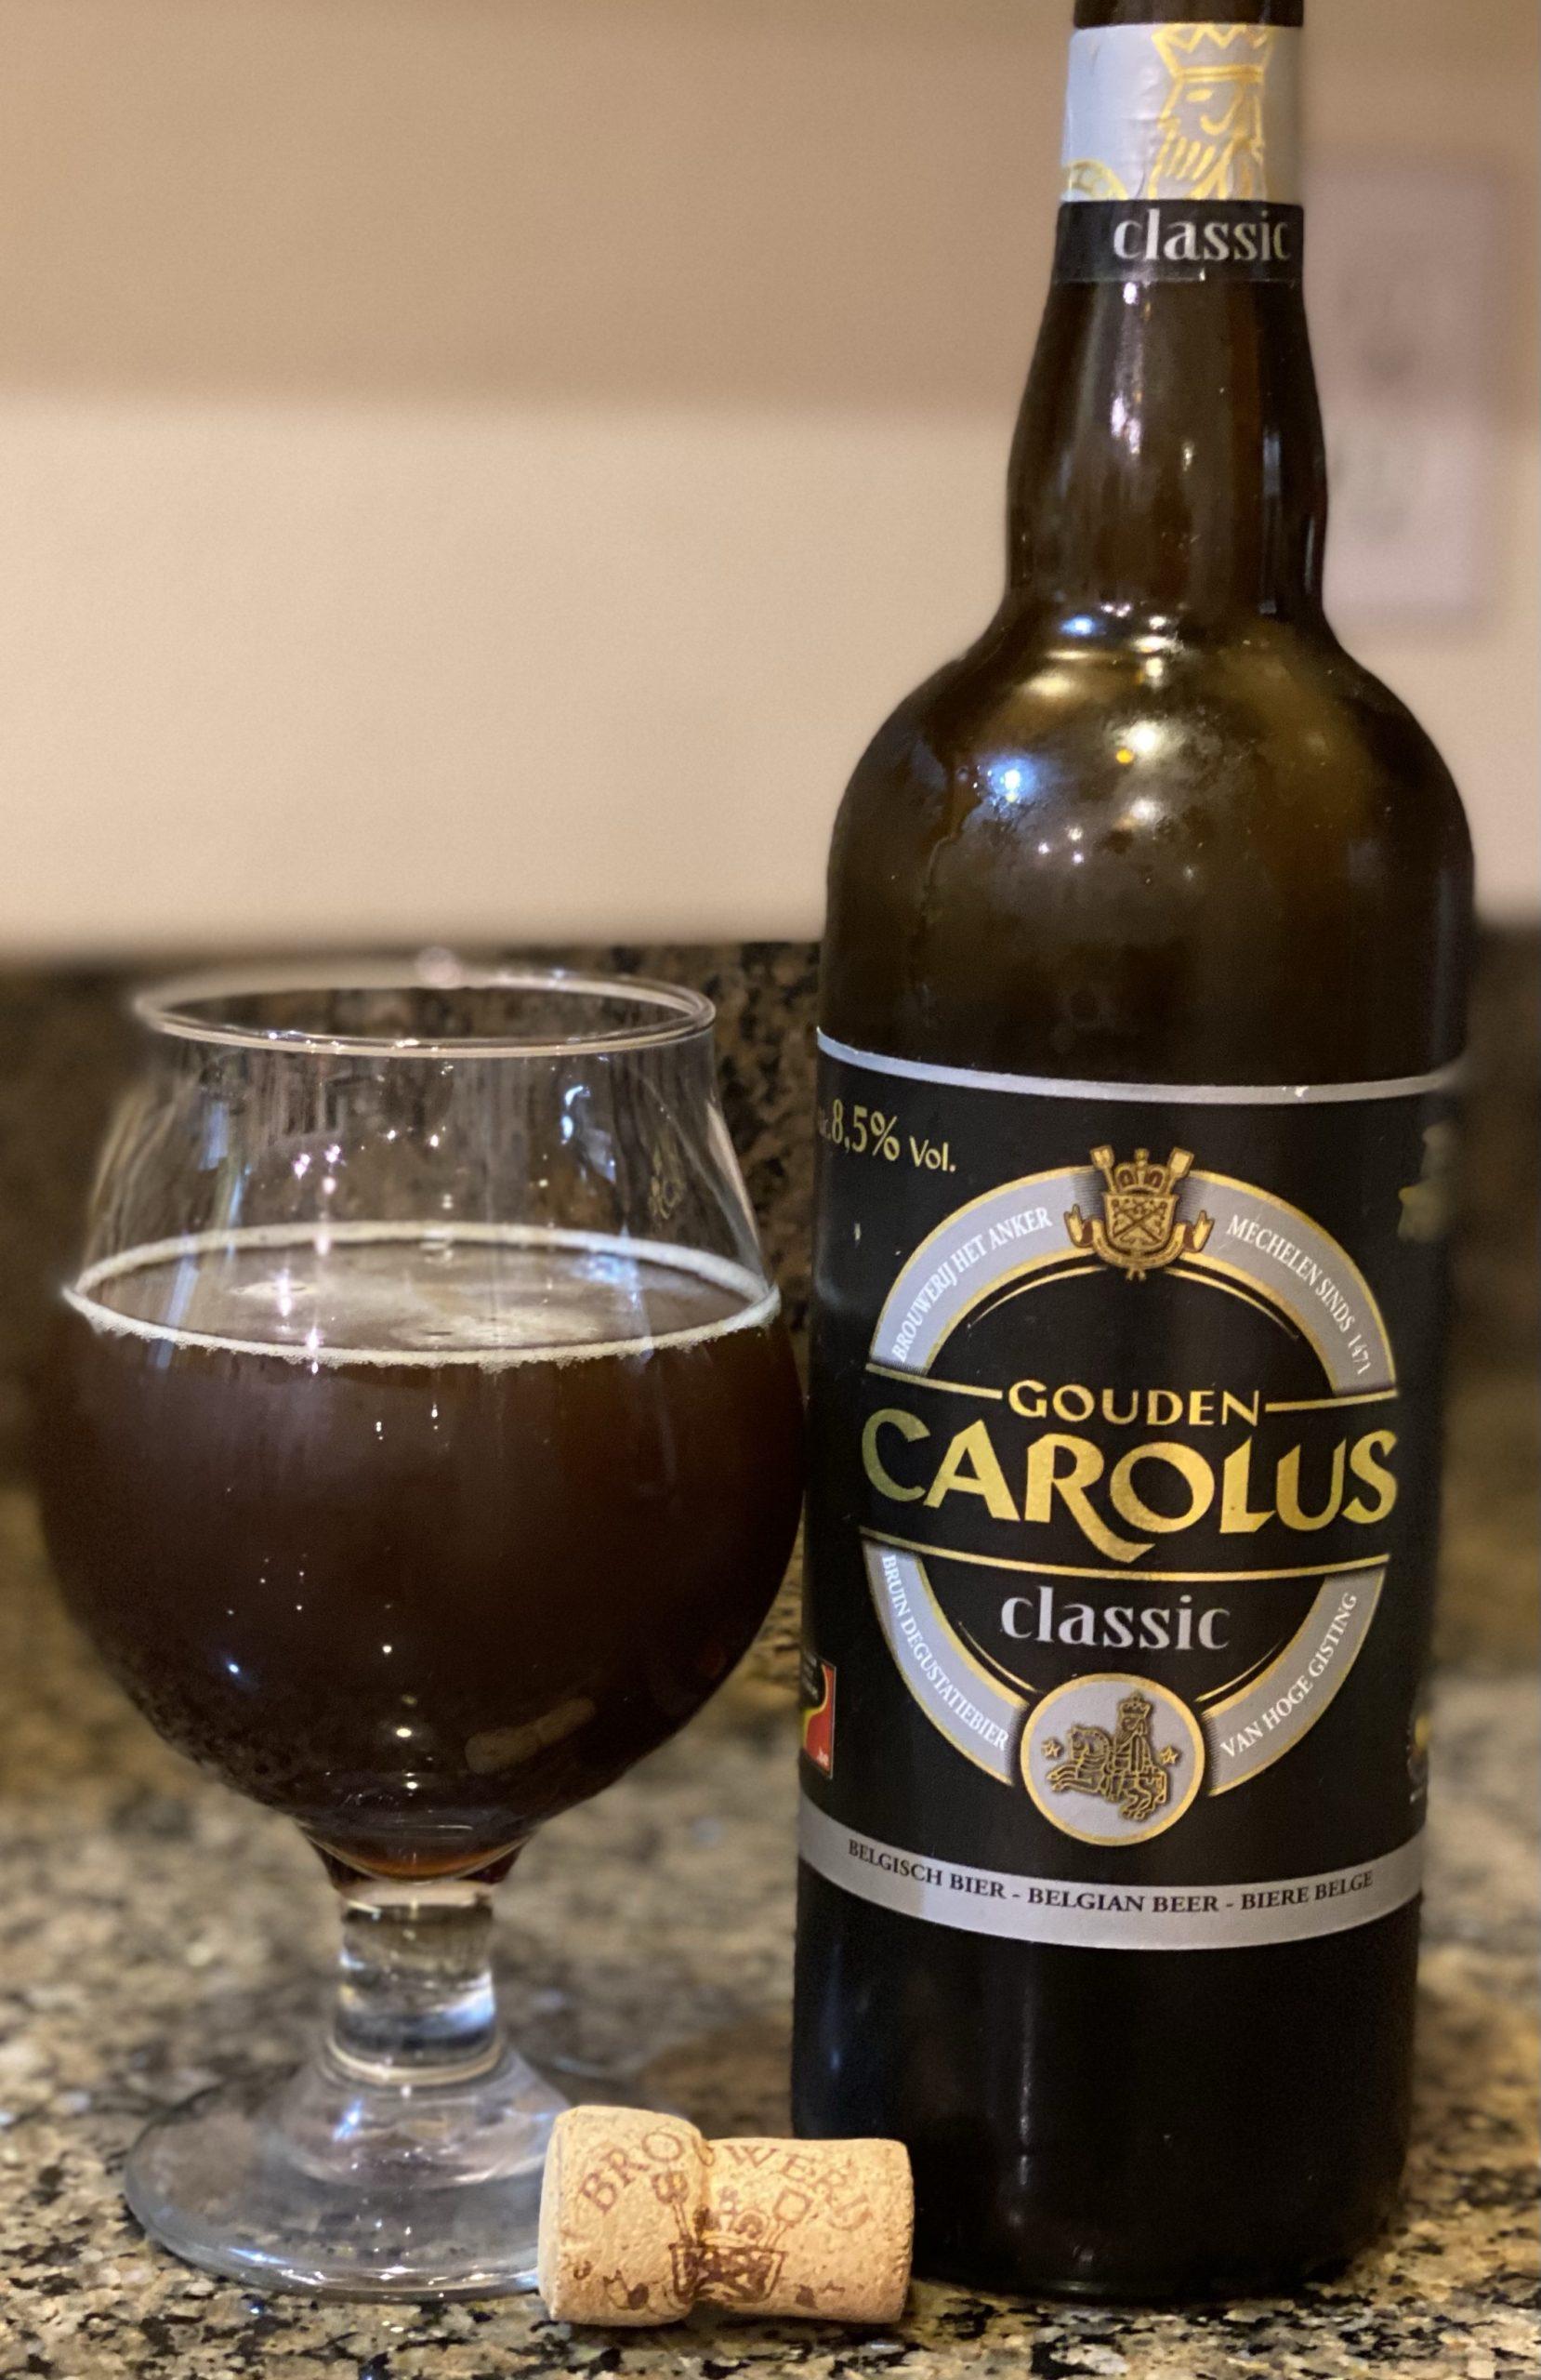 Gouden Carolis – Classic by Brouwerij Het Anker